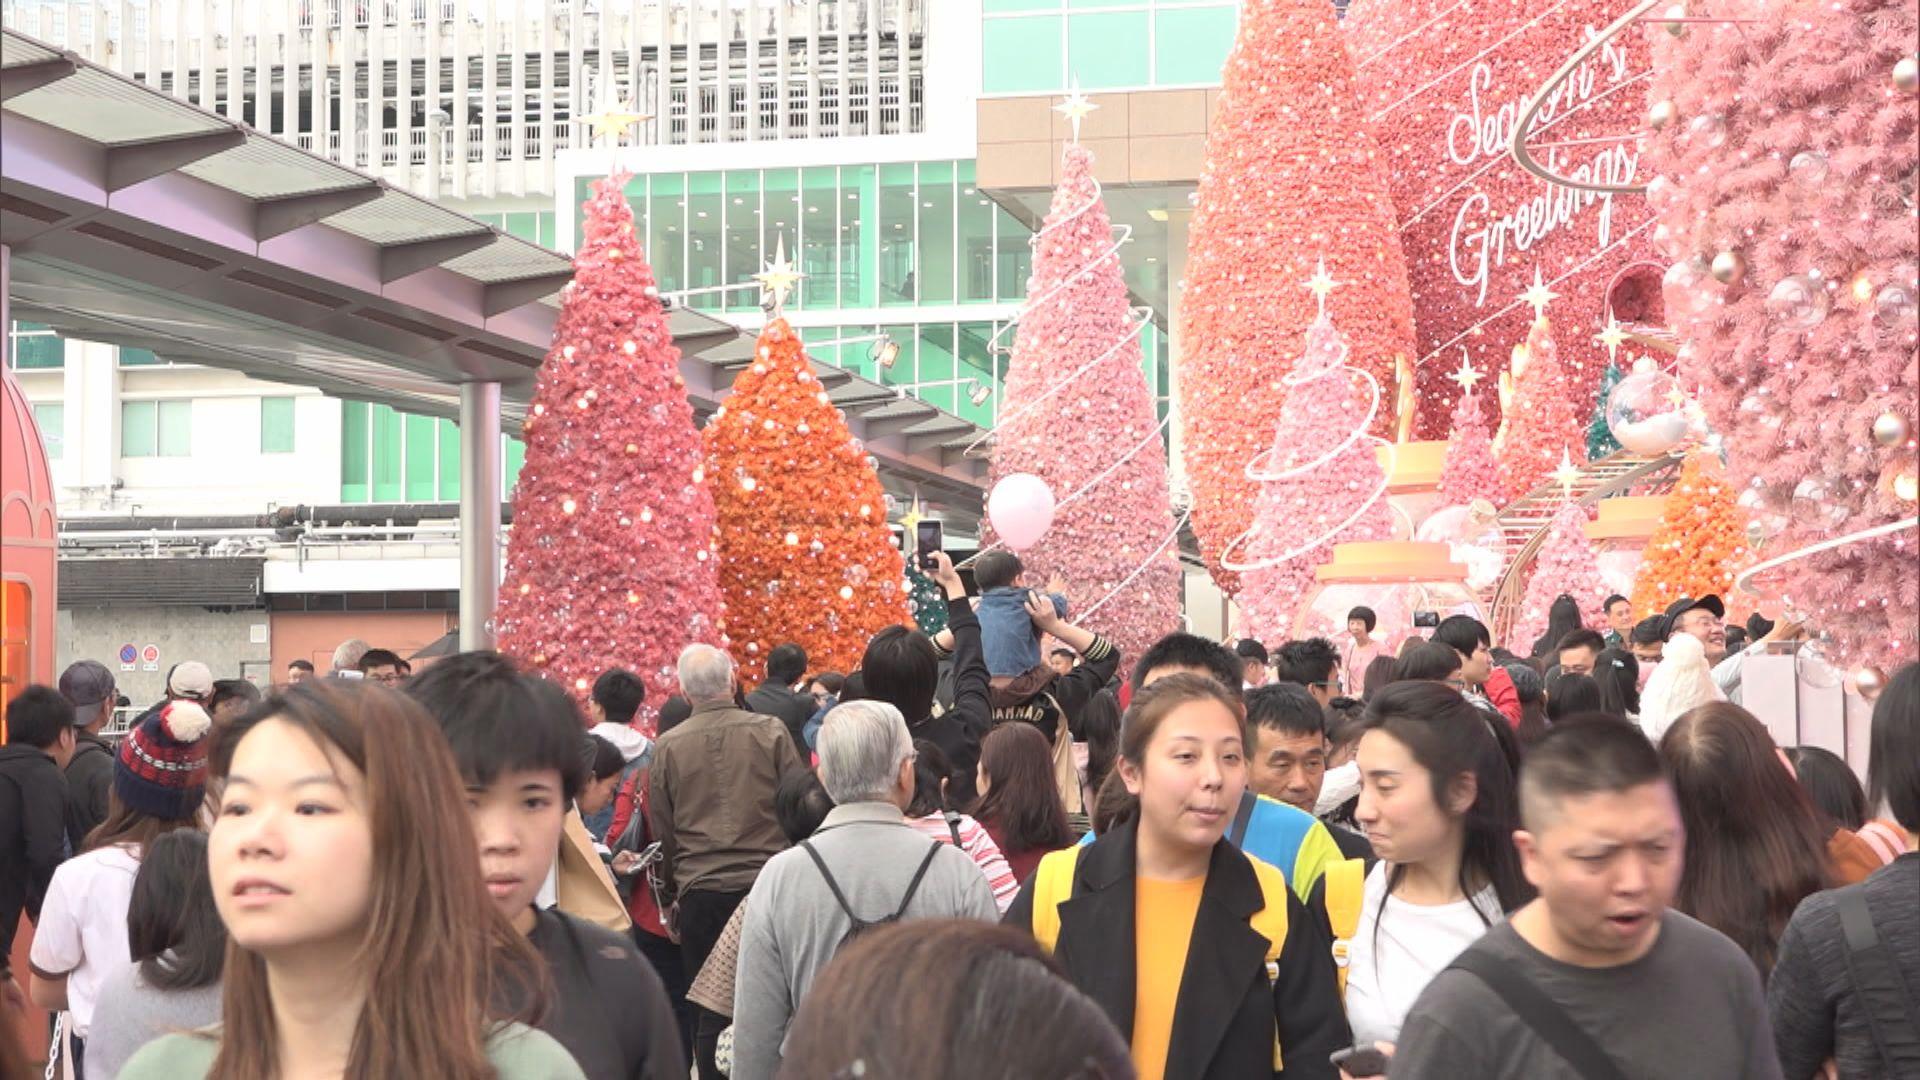 陳茂波盼聖誕新年各人讓自己和社會有喘息空間